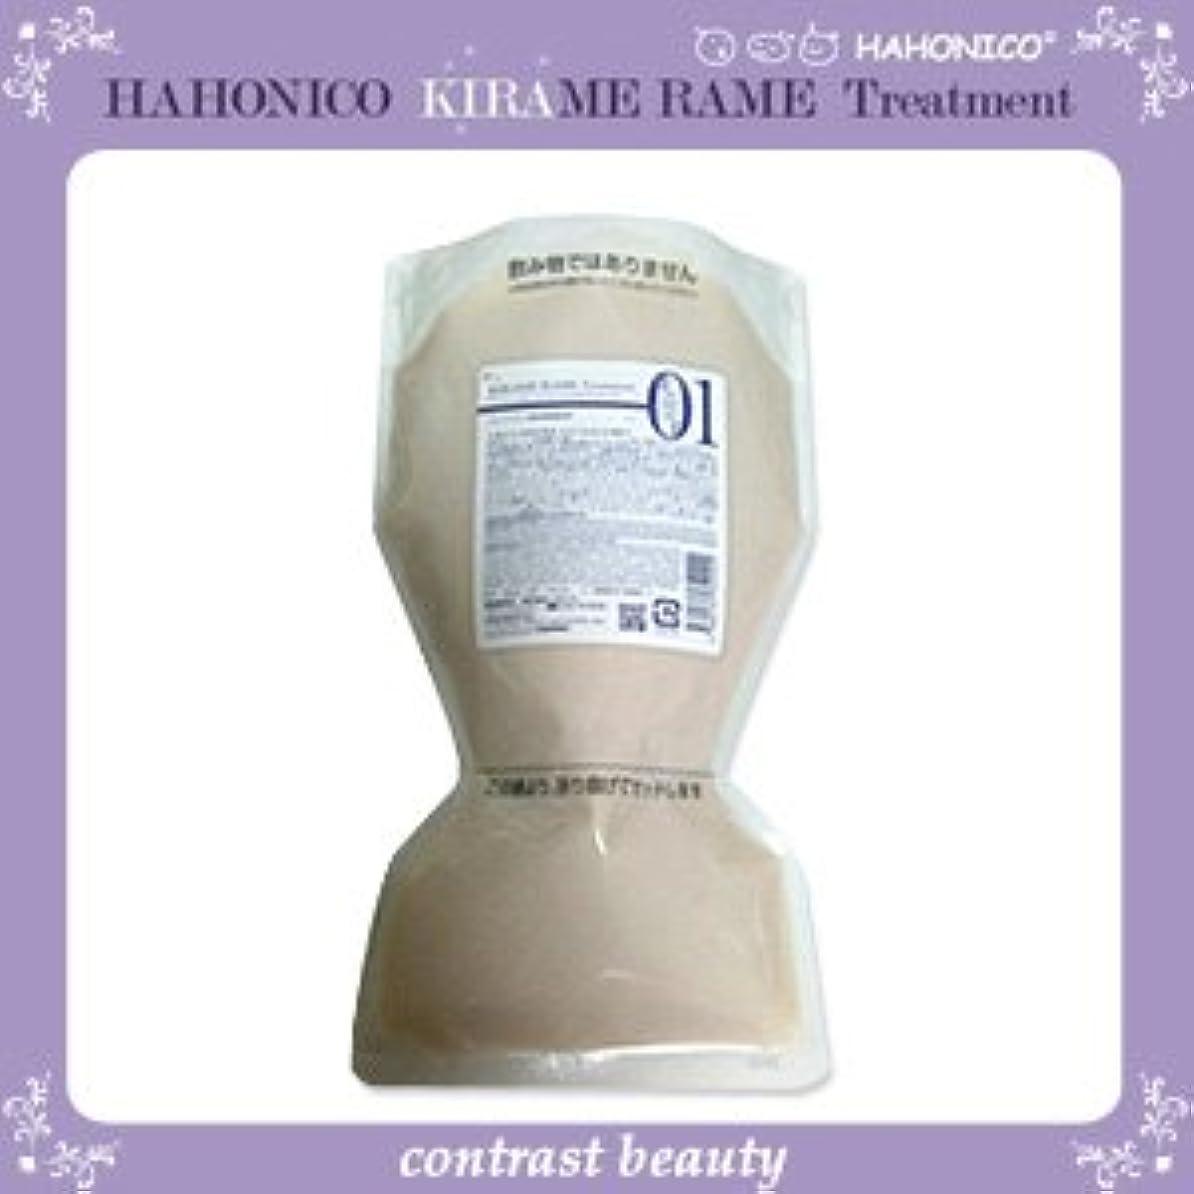 じゃがいもデュアル積分【X3個セット】 ハホニコ キラメラメ トリートメントNo.1 500g (詰め替え) KIRAME RAME HAHONICO